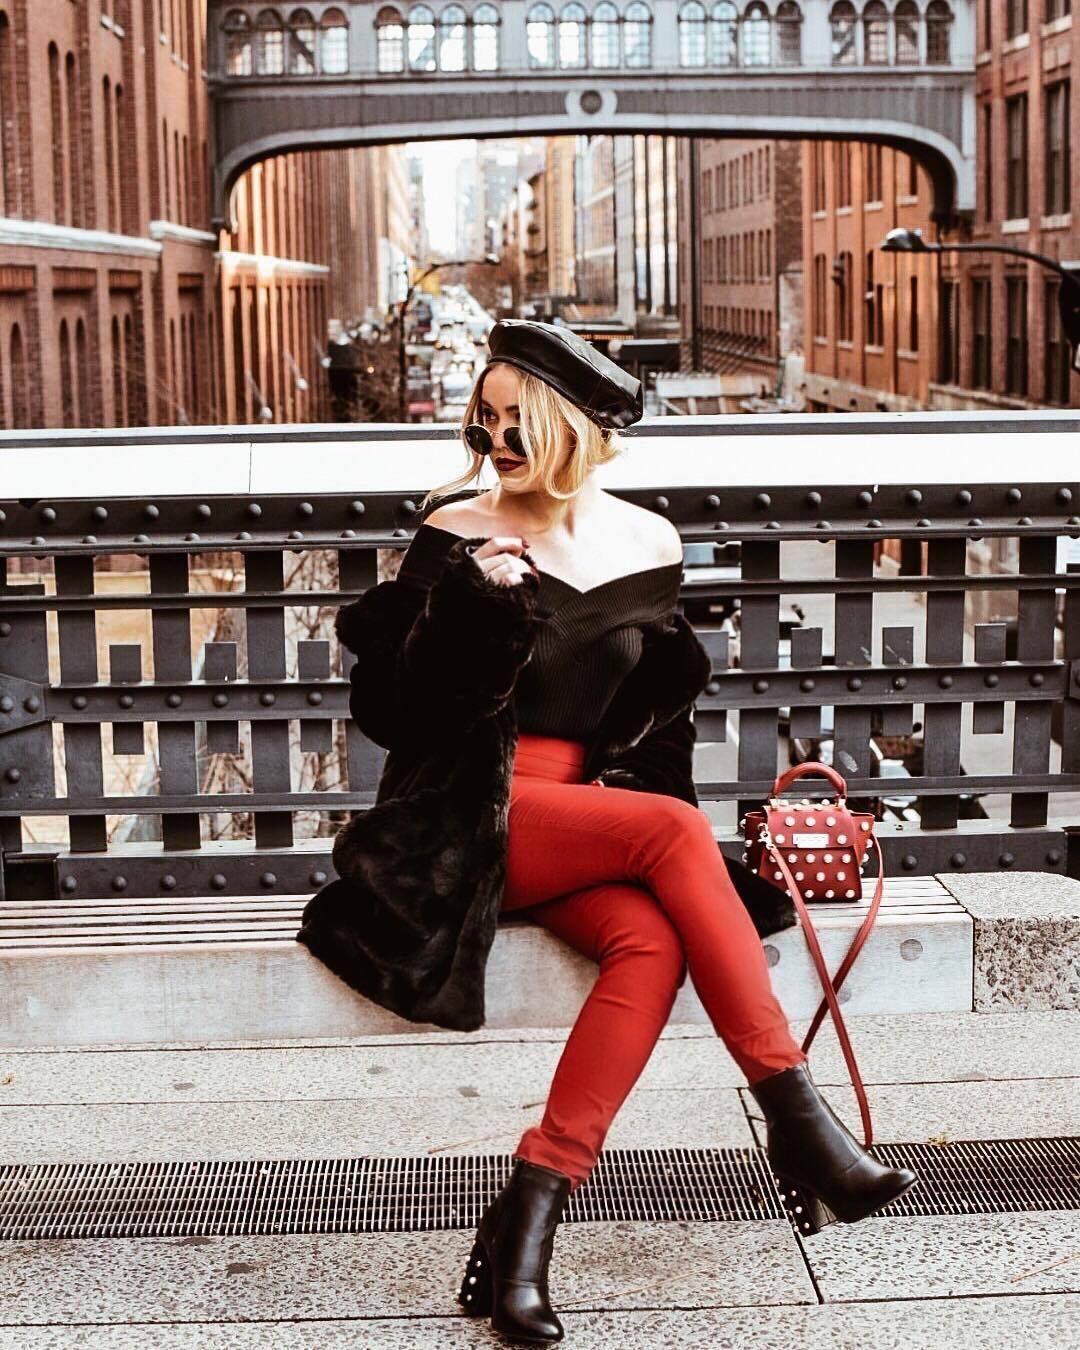 Đỏ và đen - cặp bài trùng đầy quyến rũ trong thời trang - Hình 3